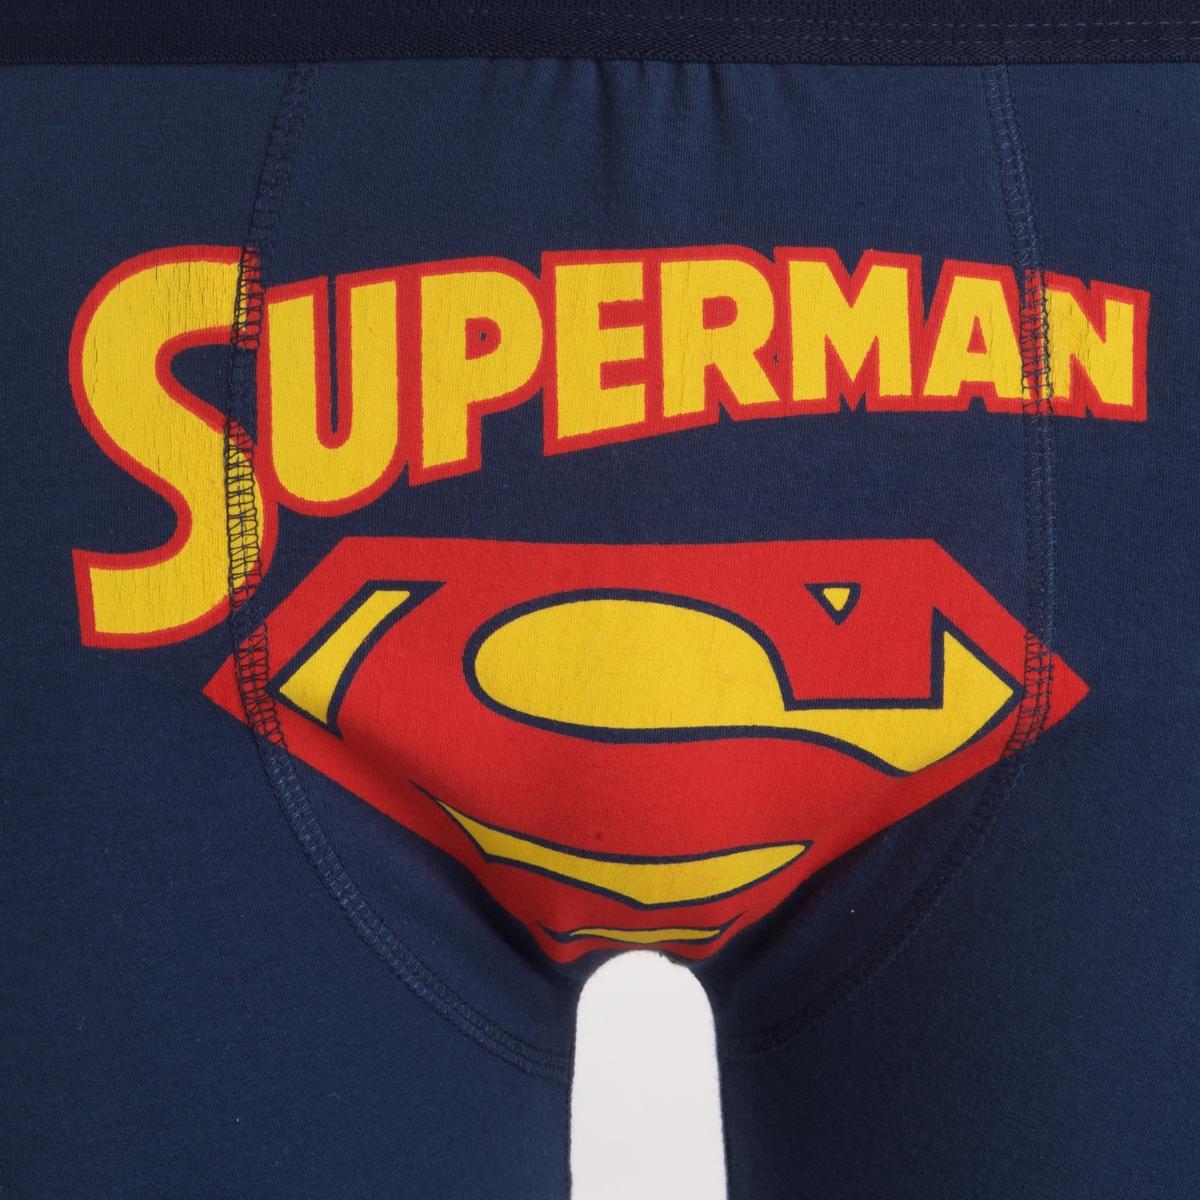 Набор трусы-боксеры и носки SUPERMANНоски, размер 40/46                                                 с надписью и жаккардовым рисунком по бокам         - Отделка краев в рубчик - Рисунок на трусах-боксерах This is a job for Superman - Эластичный пояс Состав и описание набора :Основной материал : носки: 75% хлопка, 20% полиамида, 5% эластана..Трусы-боксеры : 95%   хлопка, 5% эластана           Марка : SUPERMAN®Уход :                                                          Машинная стирка при 40°                   Барабанная сушка запрещена                  Гладить при умеренной температуре                  Сухая чистка запрещена<br><br>Цвет: темно-синий